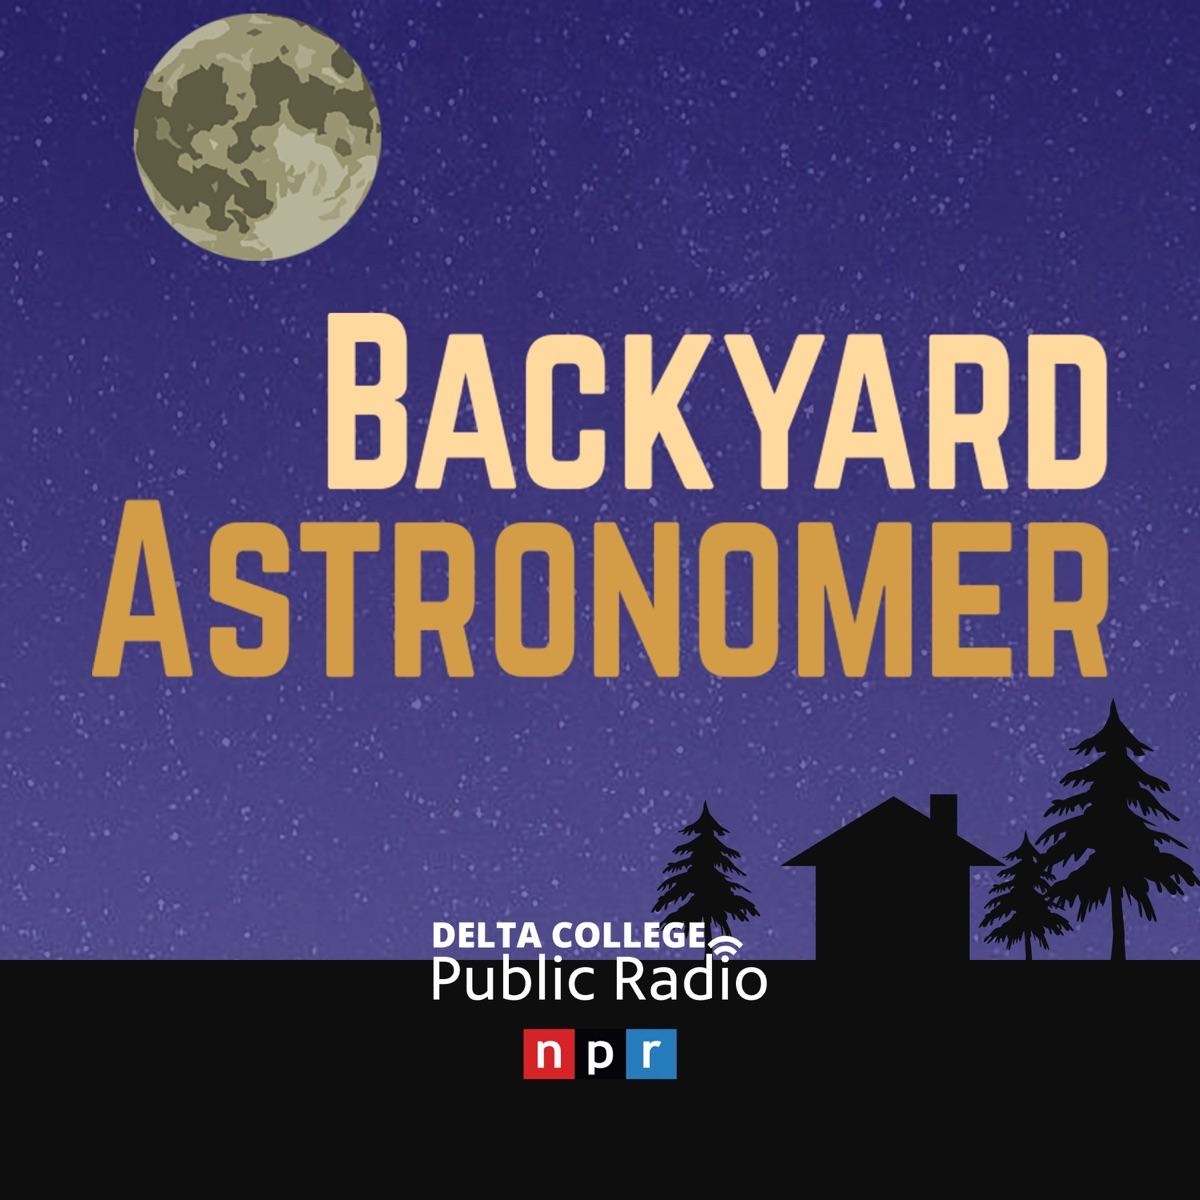 Backyard Astronomer - Delta College Public Radio